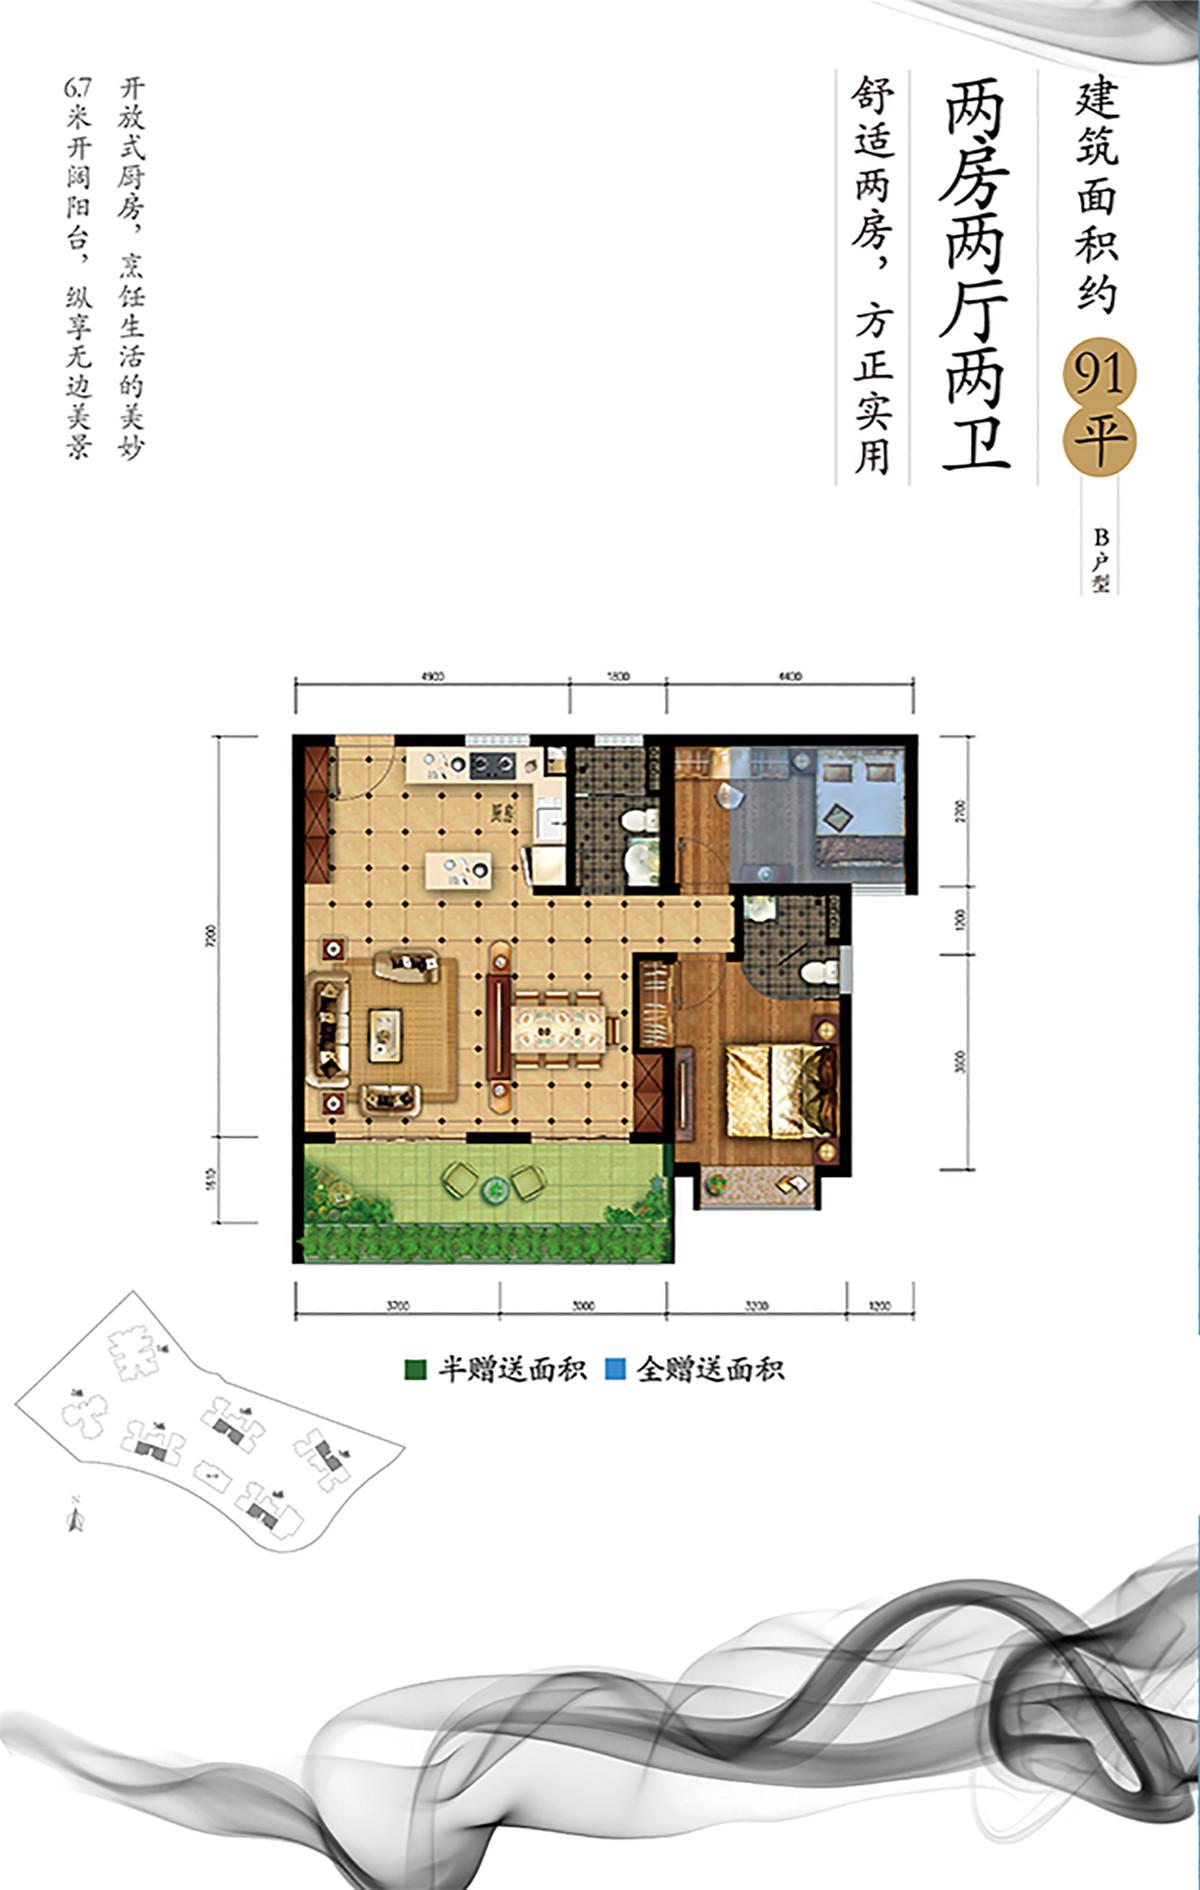 公园88号B户型 2房2厅2卫 建筑面积:91㎡